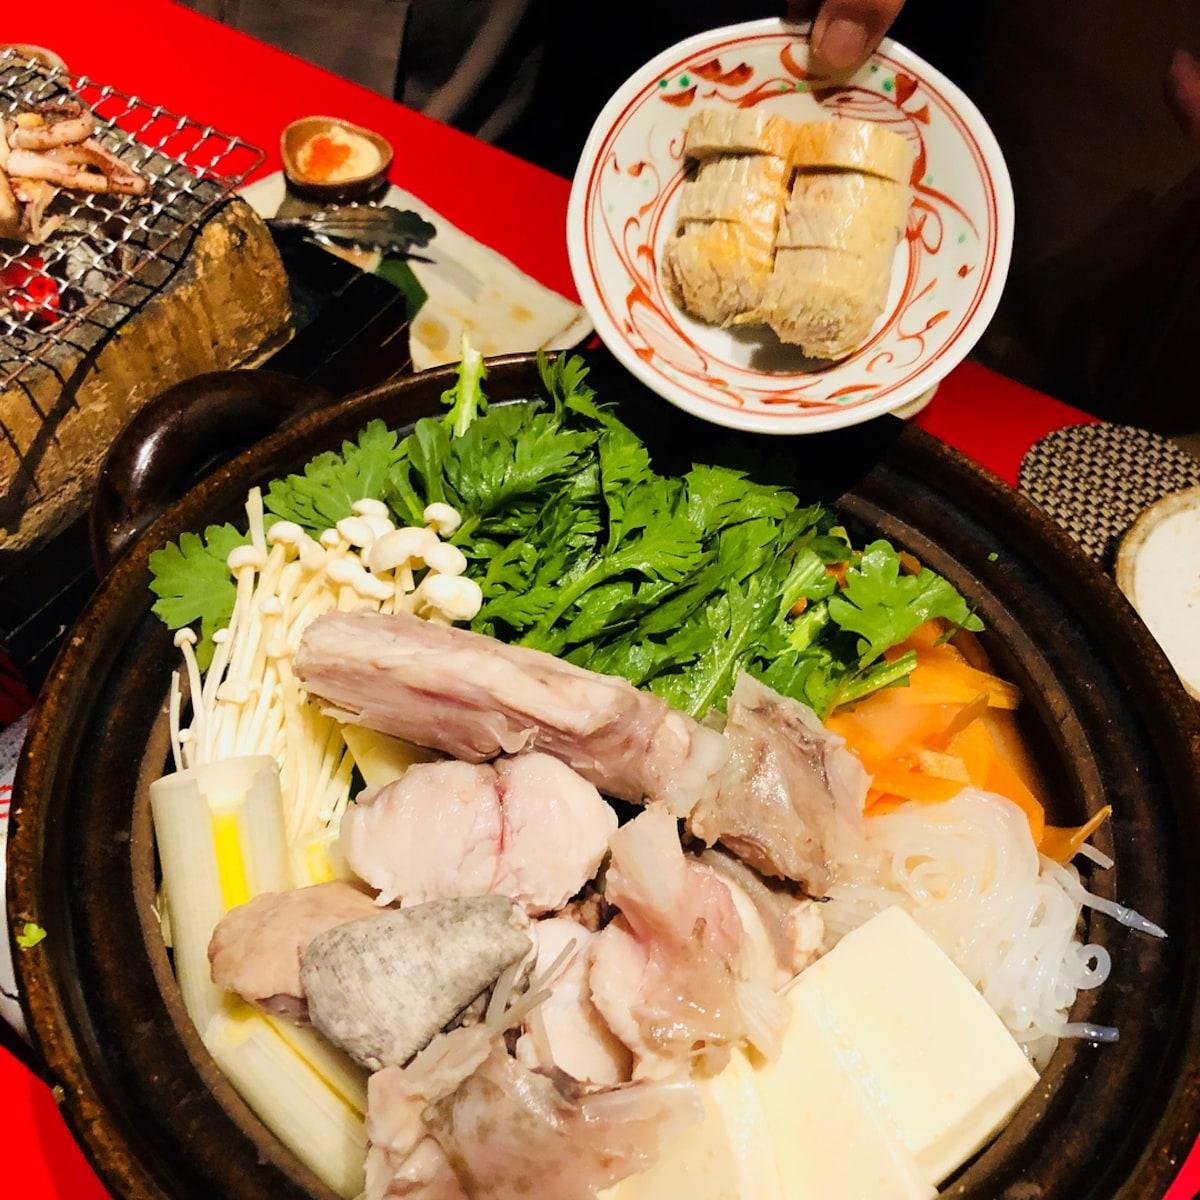 ■市場直送新鮮魚類與蔬菜火鍋料理【巢鴨】左藤 總本店